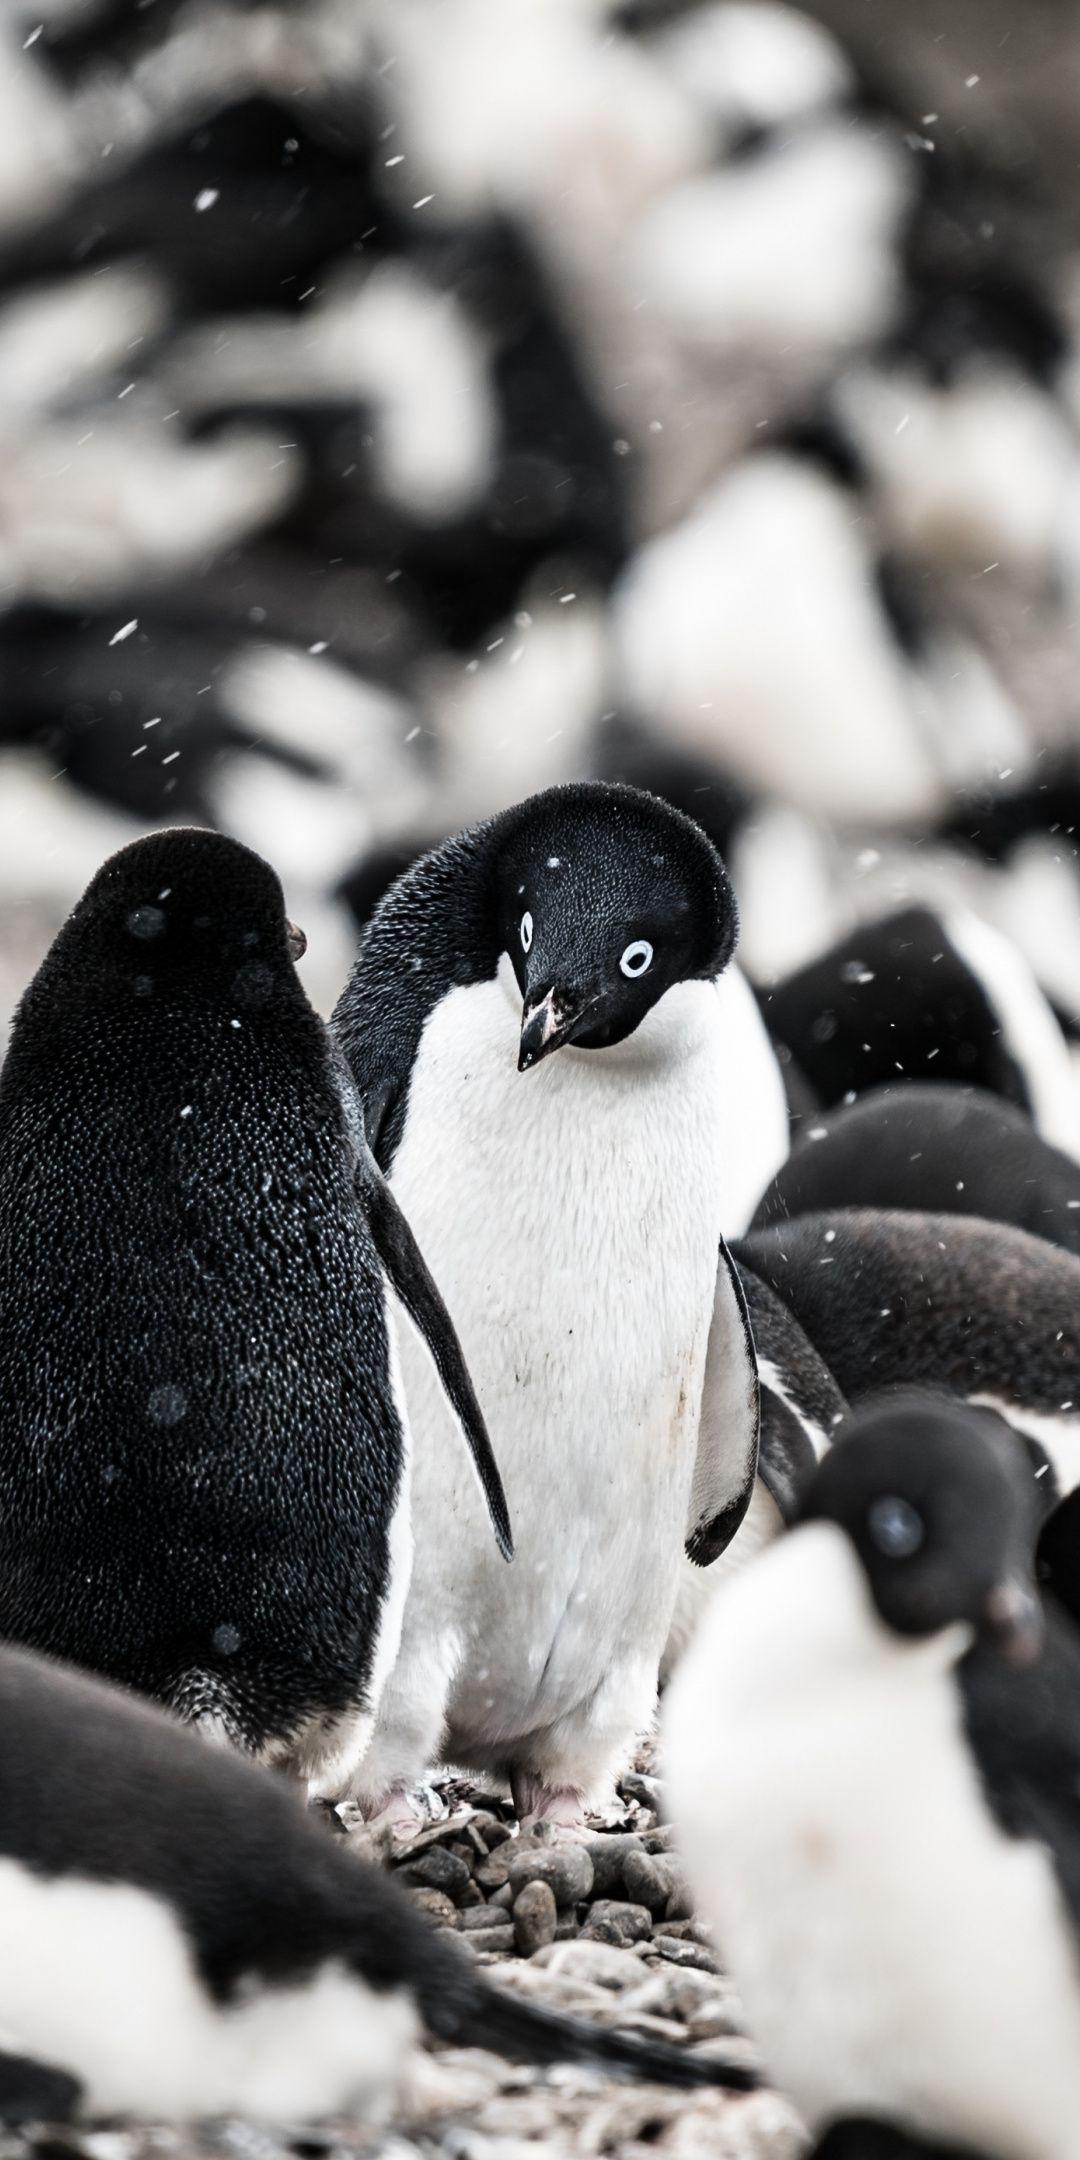 Penguin, aquatic life, herd, 1080x2160 wallpaper